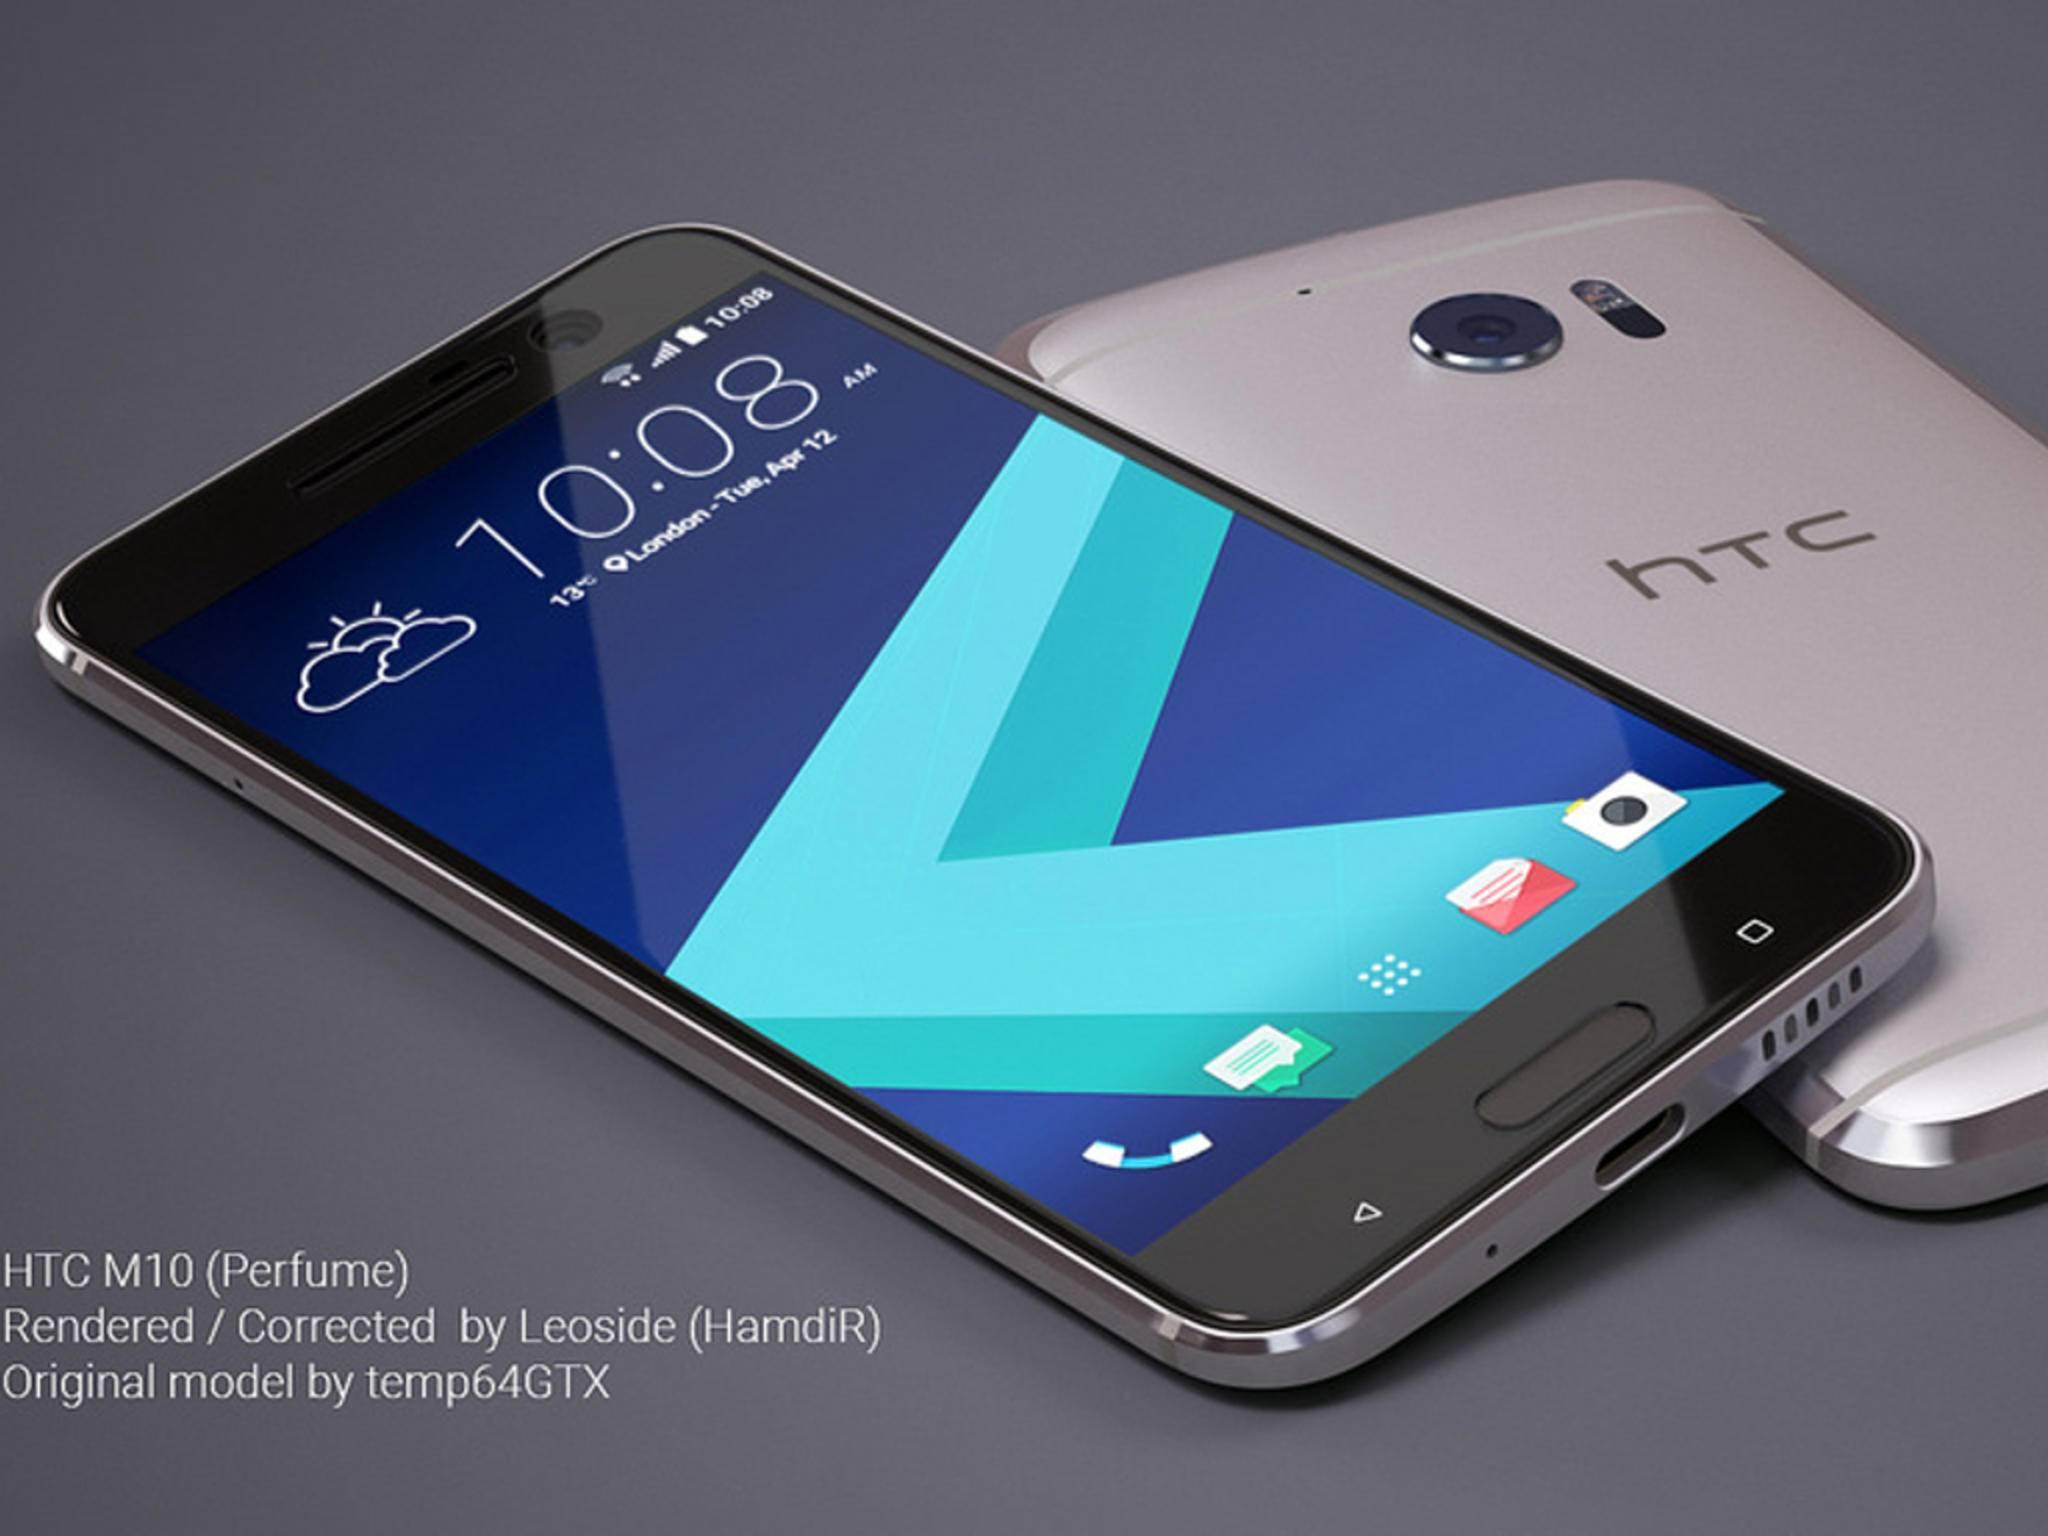 Das HTC 10 soll eine sehr gute Kamera besitzen.